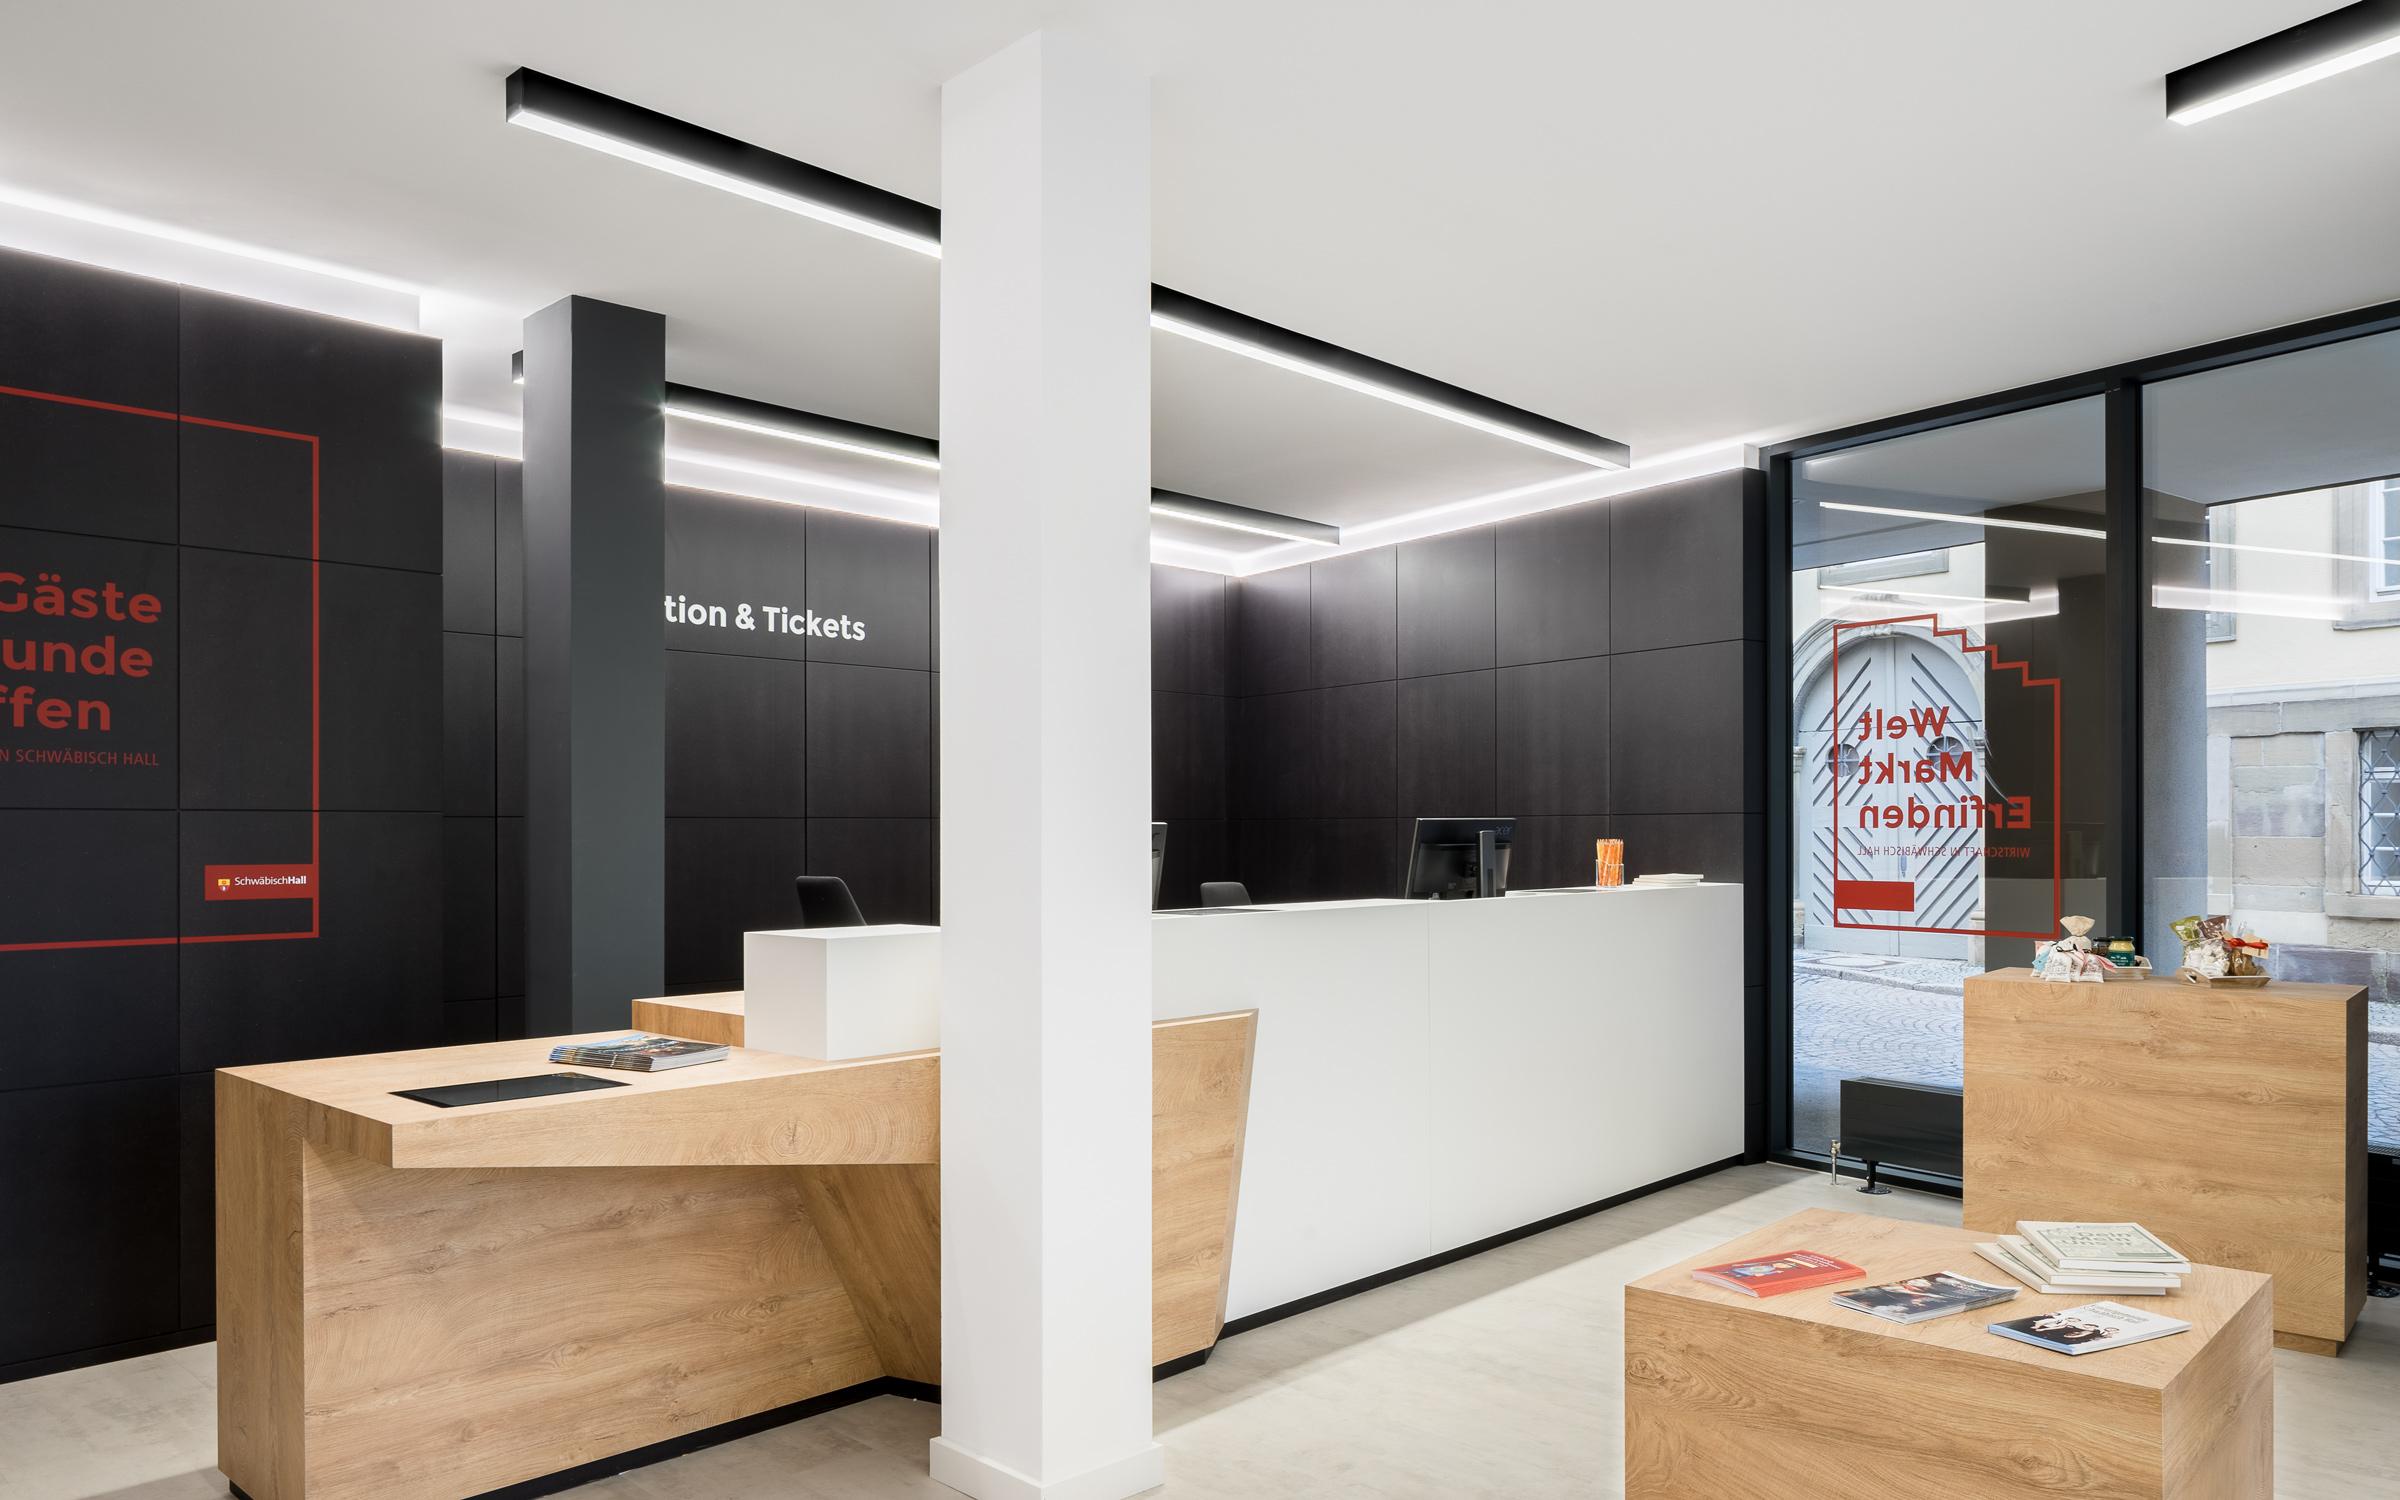 Touristinformation, Schwäbisch Hall, Eingang Kasse, Foto: Daniel Vieser